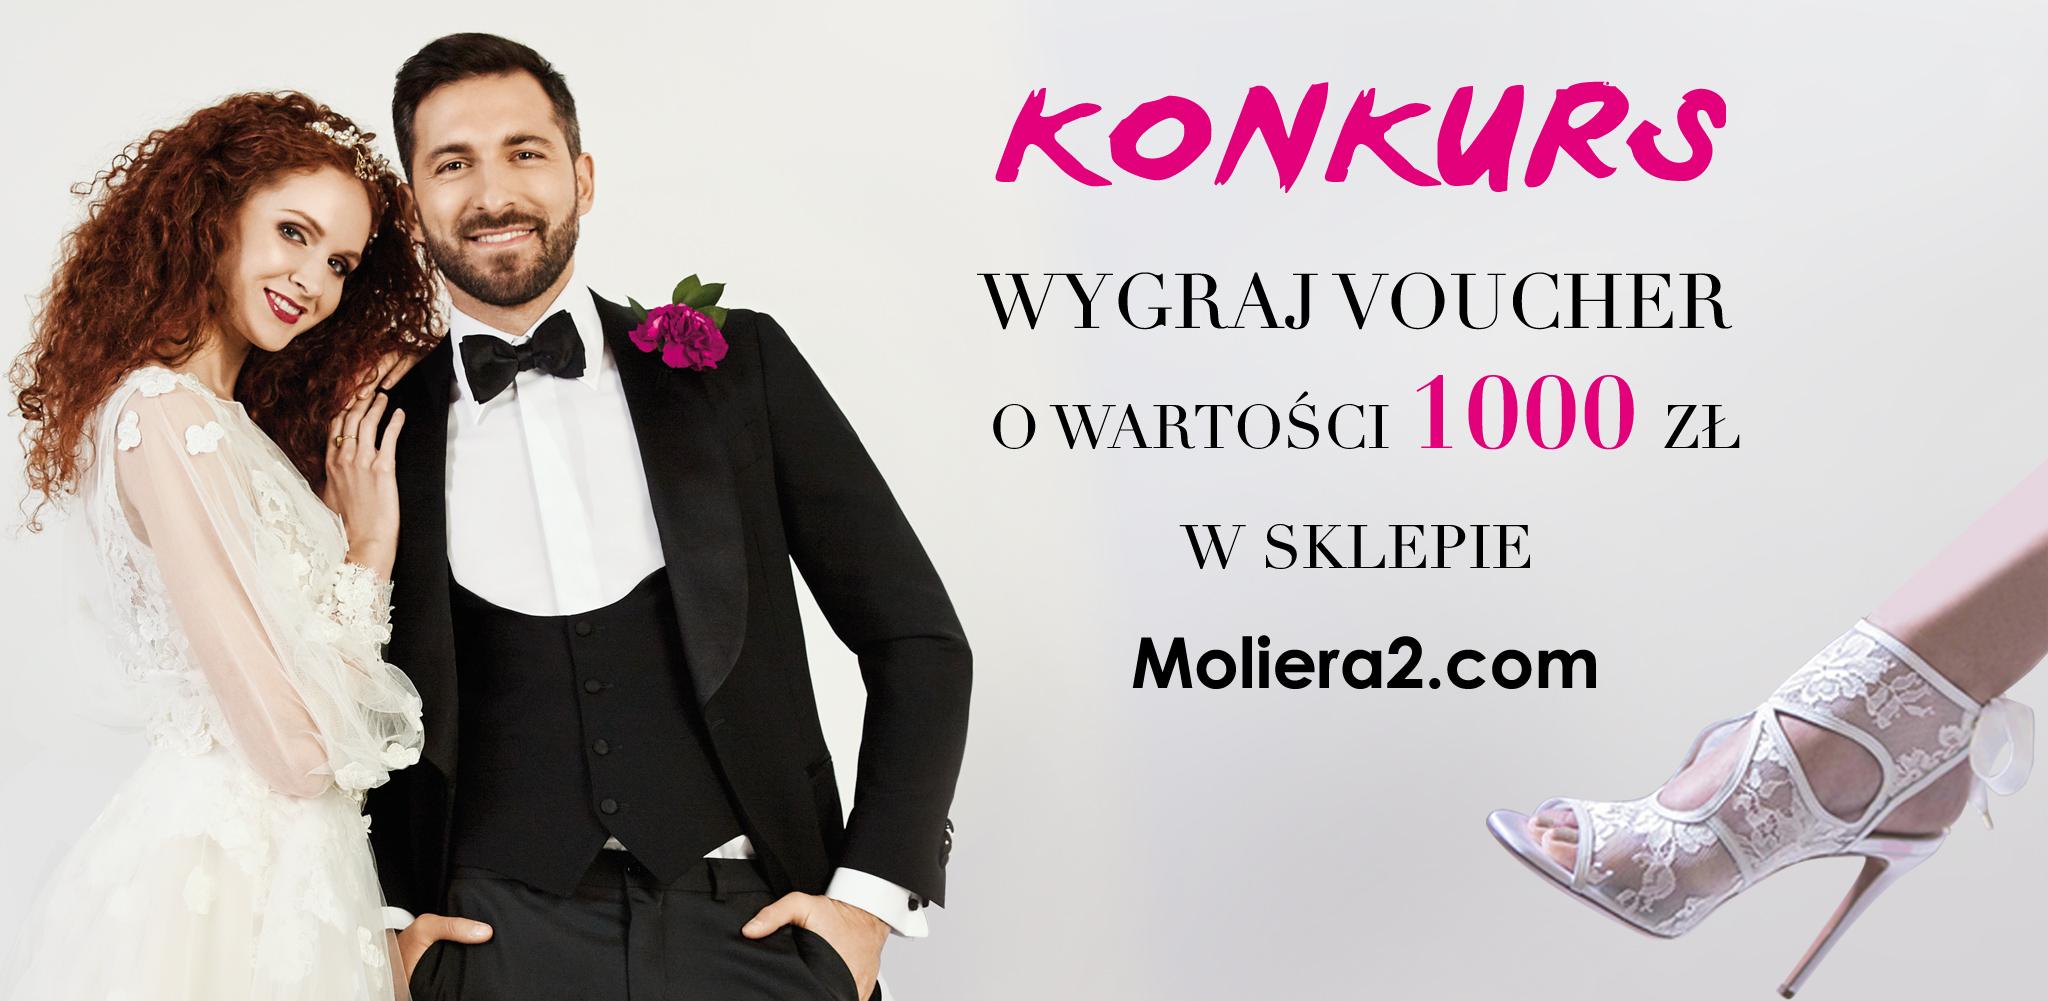 84da2c6d89 Targi Ślubne Wedding – Warszawa – PGE NarodowyWygraj voucher do   krolestwaszpilek